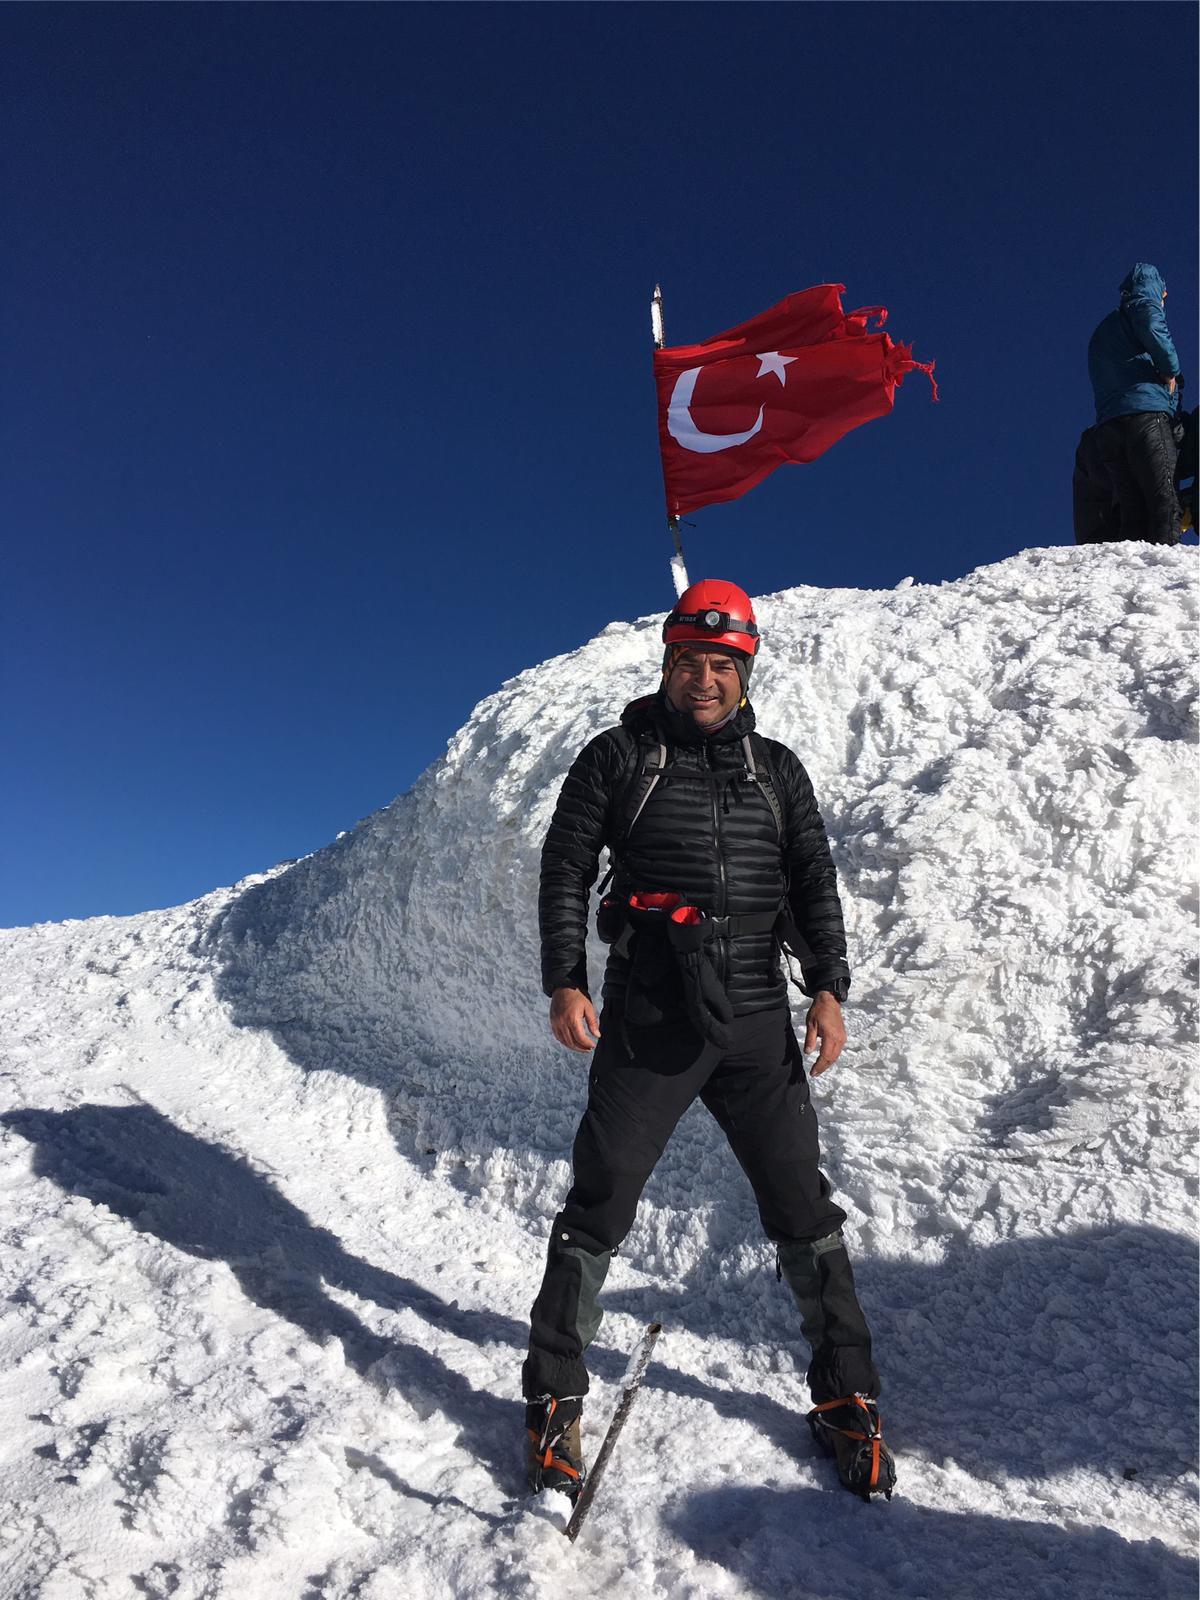 Türkiye'nin Zirvesinde İlim Yayma Vakfı Bayrağı Dalgalandırıldı. - Haberler - İlim Yayma Vakfı, İYV